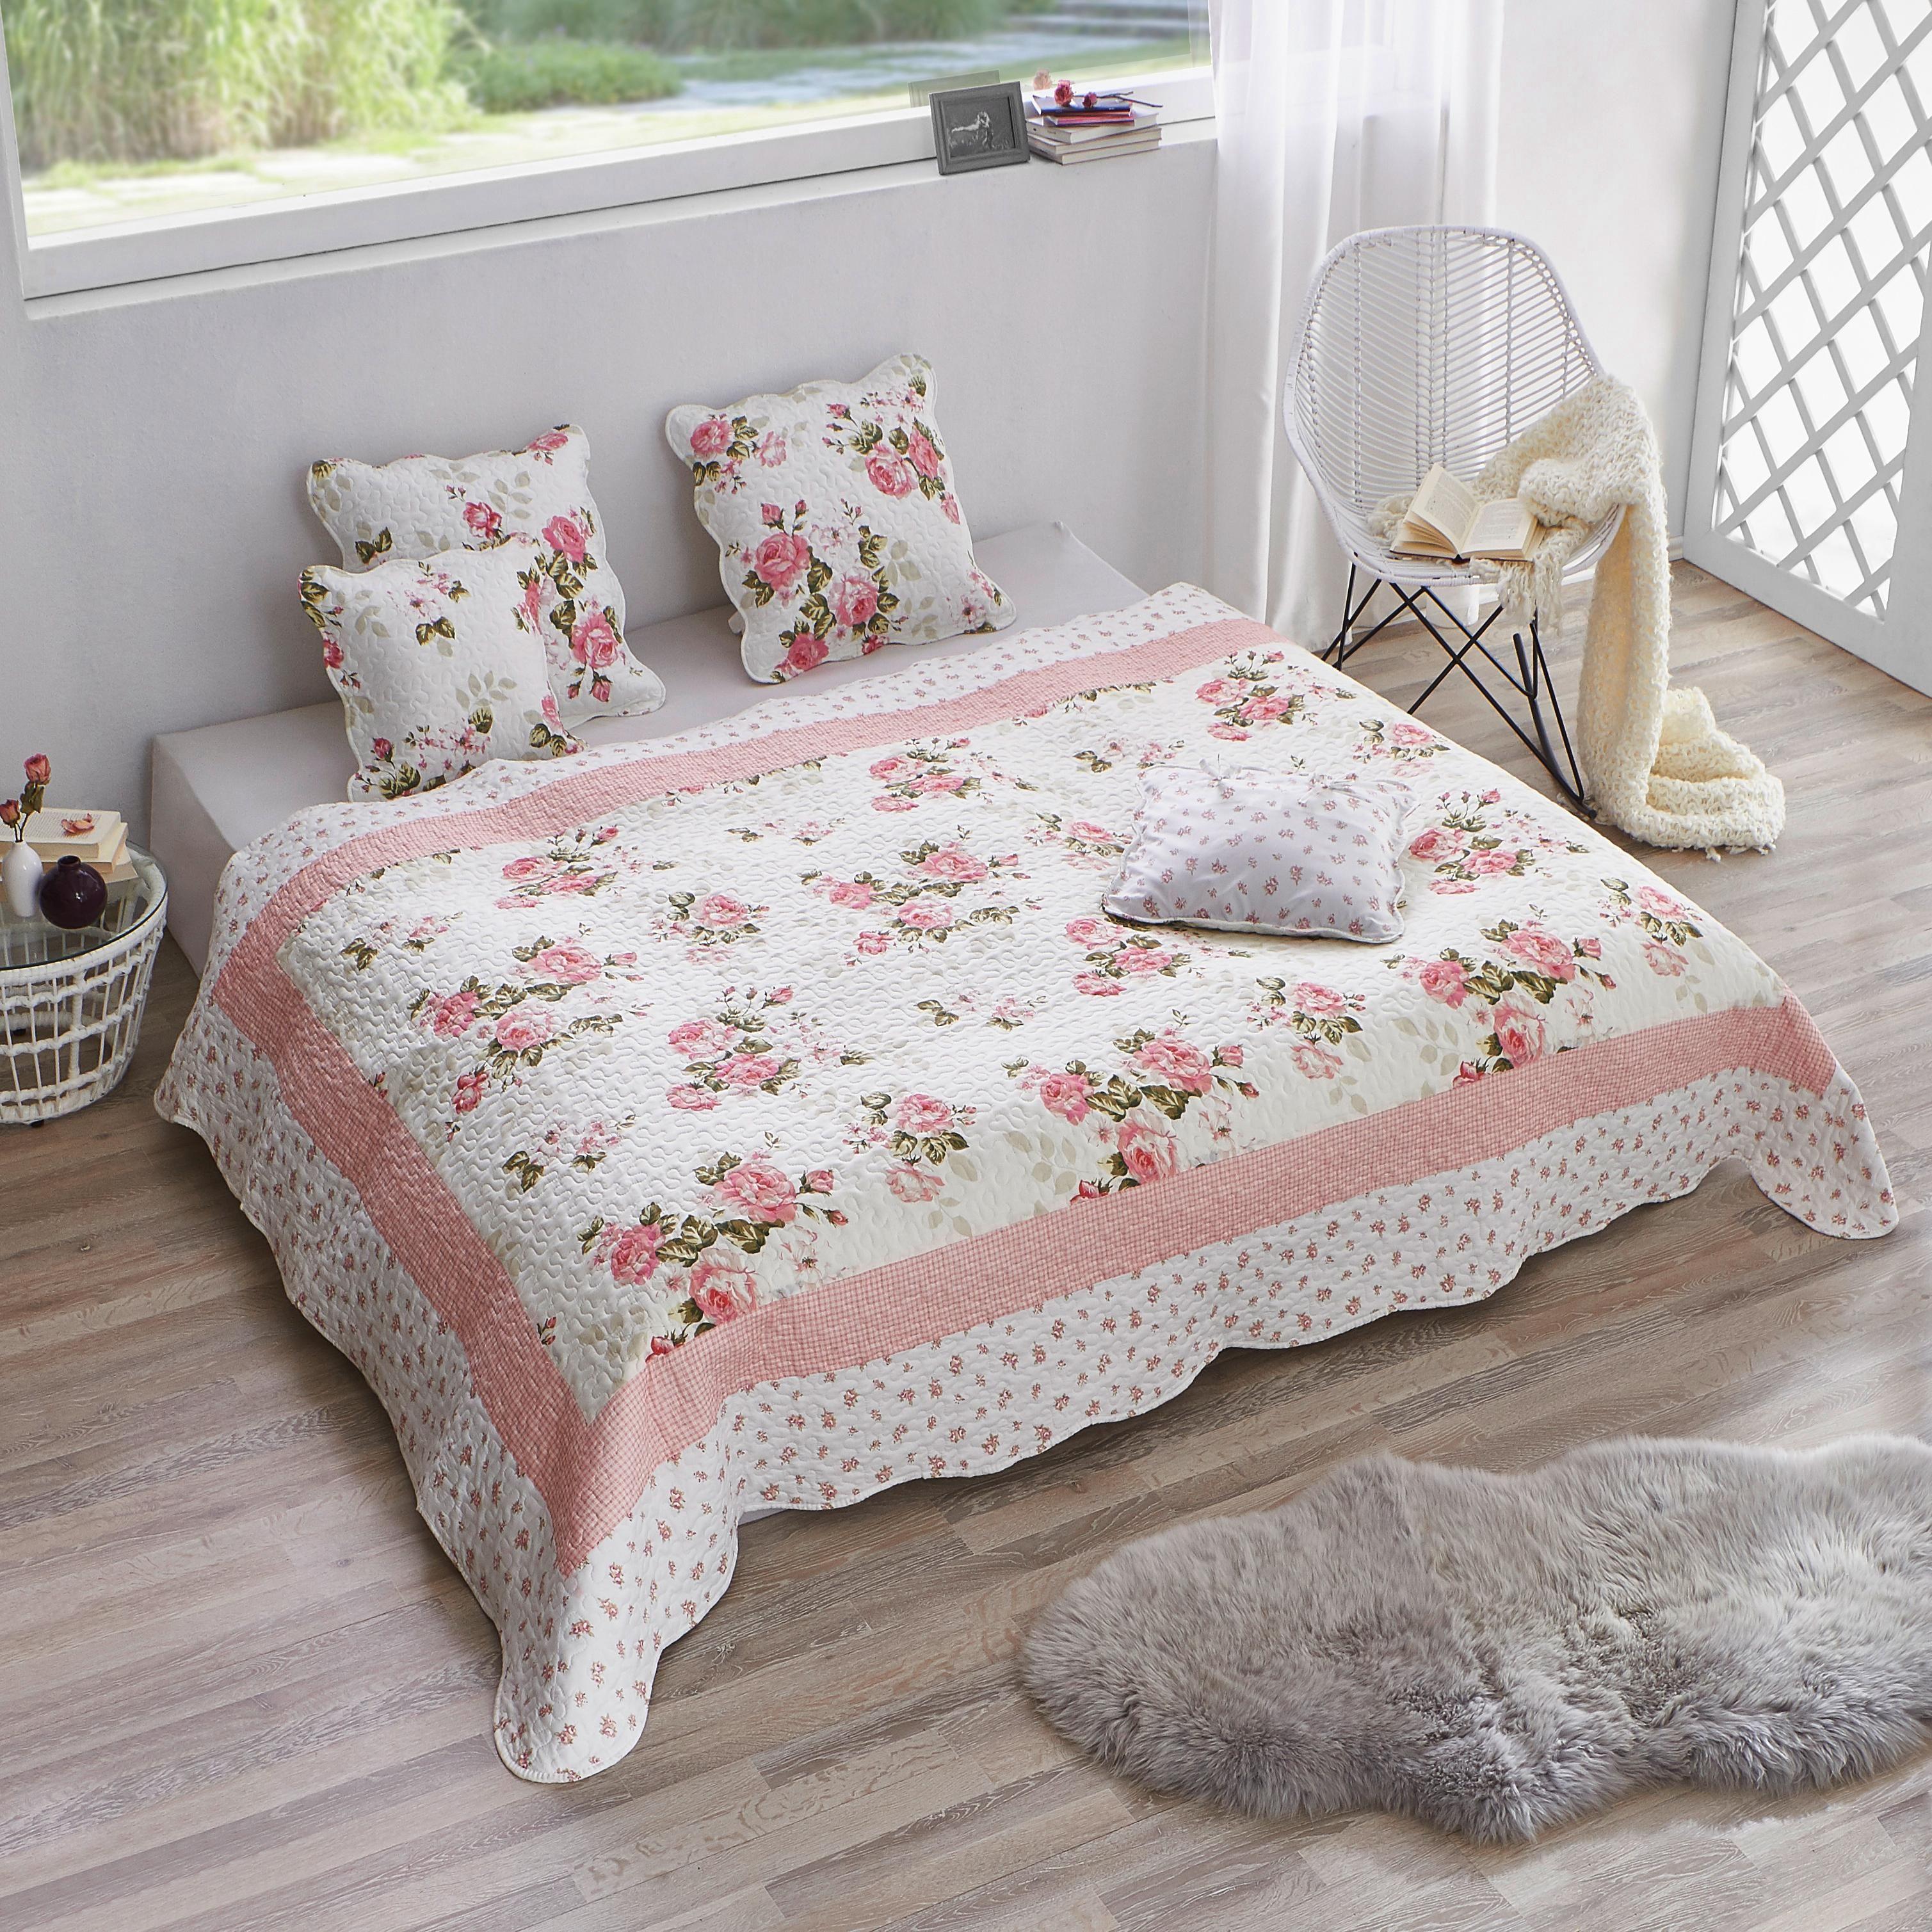 die romantische tagesdecke mit blumenmuster bereichert. Black Bedroom Furniture Sets. Home Design Ideas